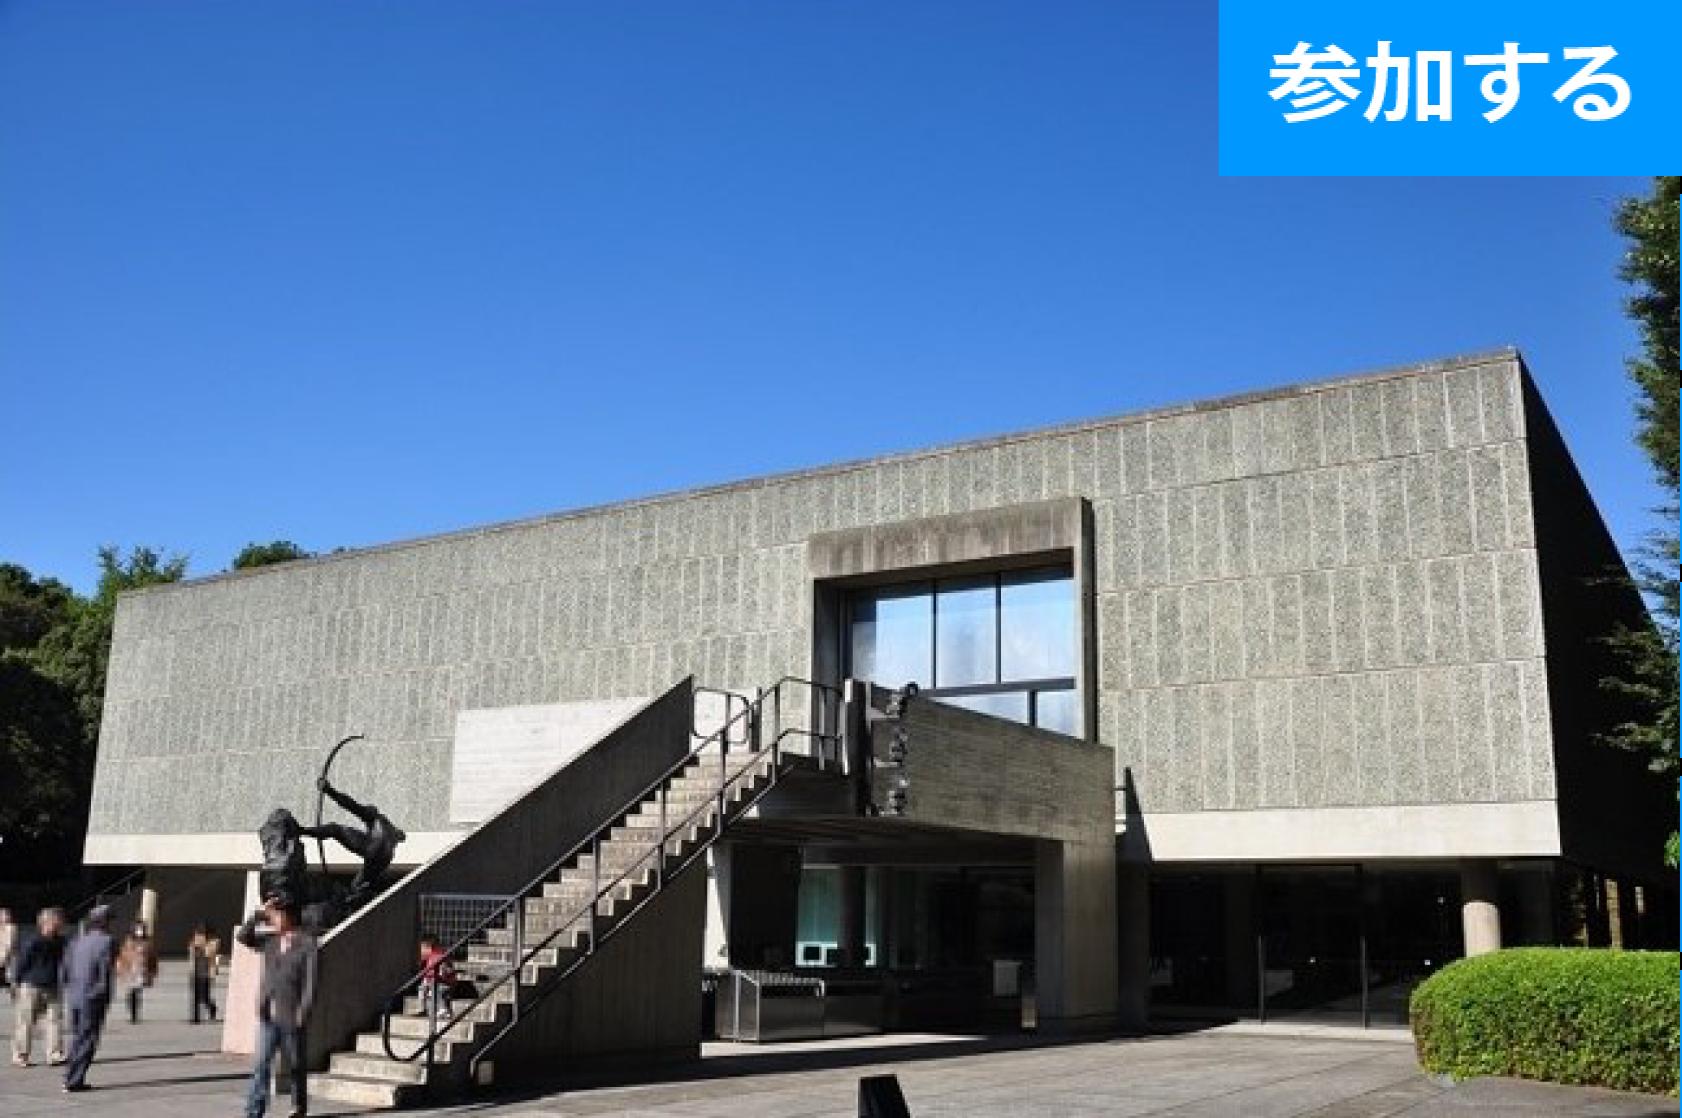 【6月イベント情報】 上野でアートを楽しもう!(上野恩賜公園)  ―美術館めぐりをしながら交流を楽しもう! ―